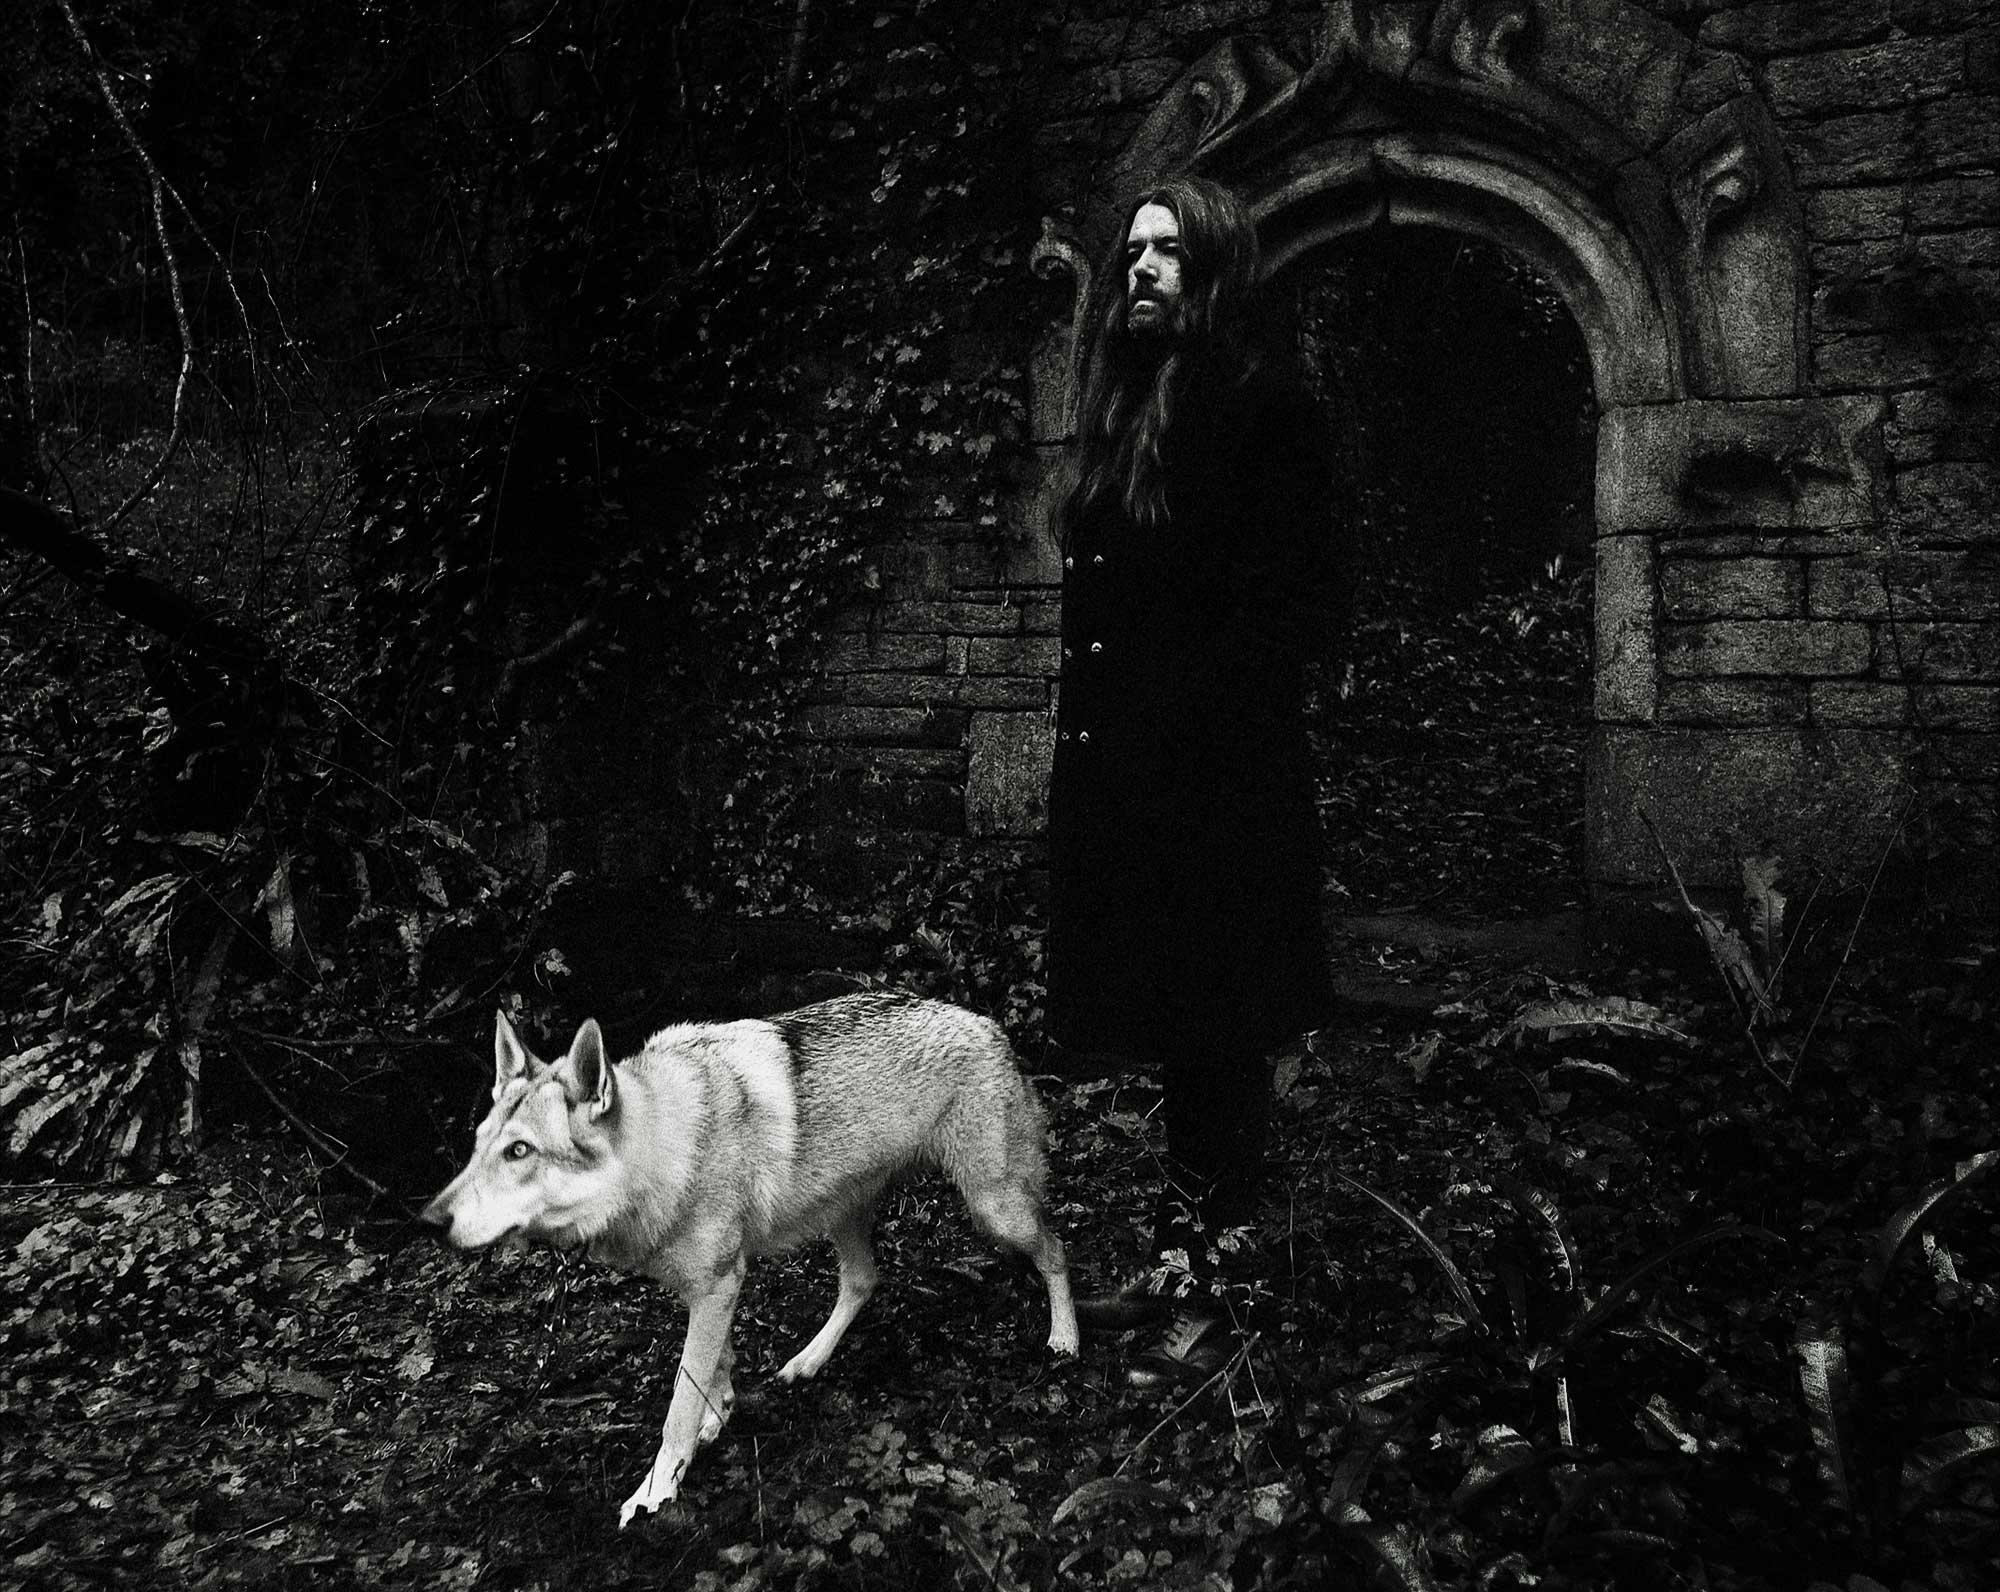 Brieg Guerveno accompagné d'un loup, dans une forêt